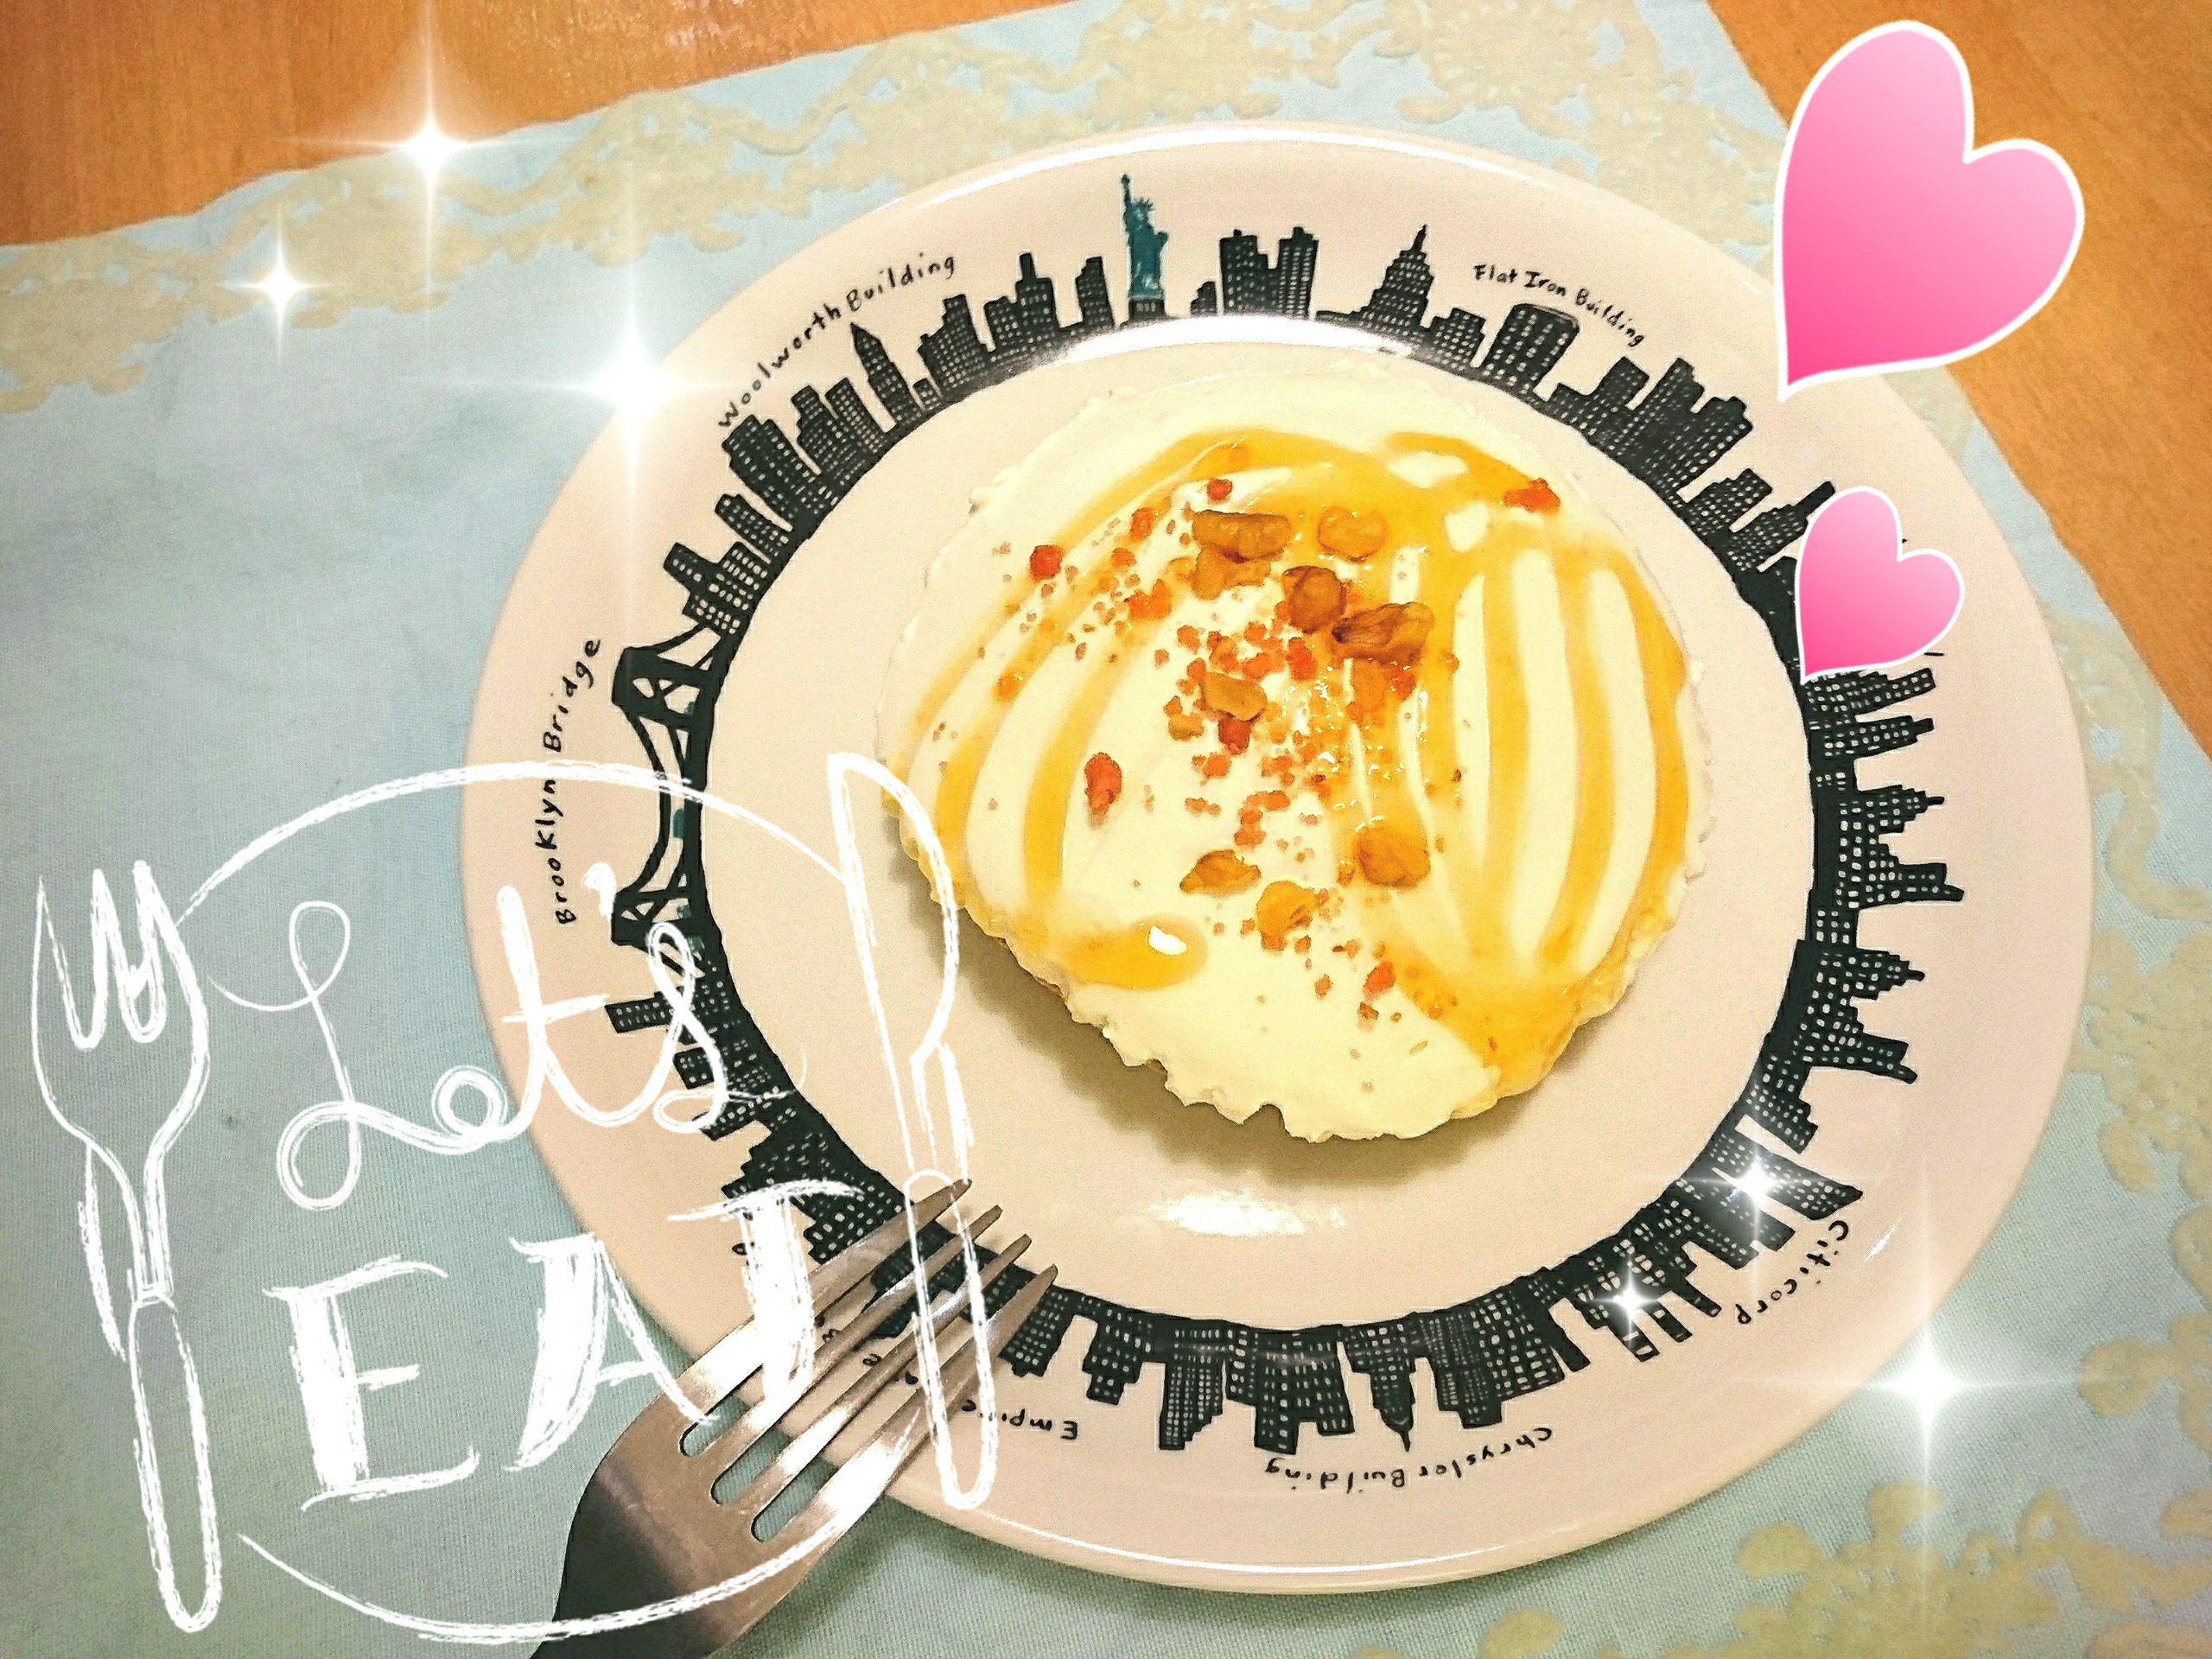 【250円!!】ローソンのパンケーキが激ウマ♡